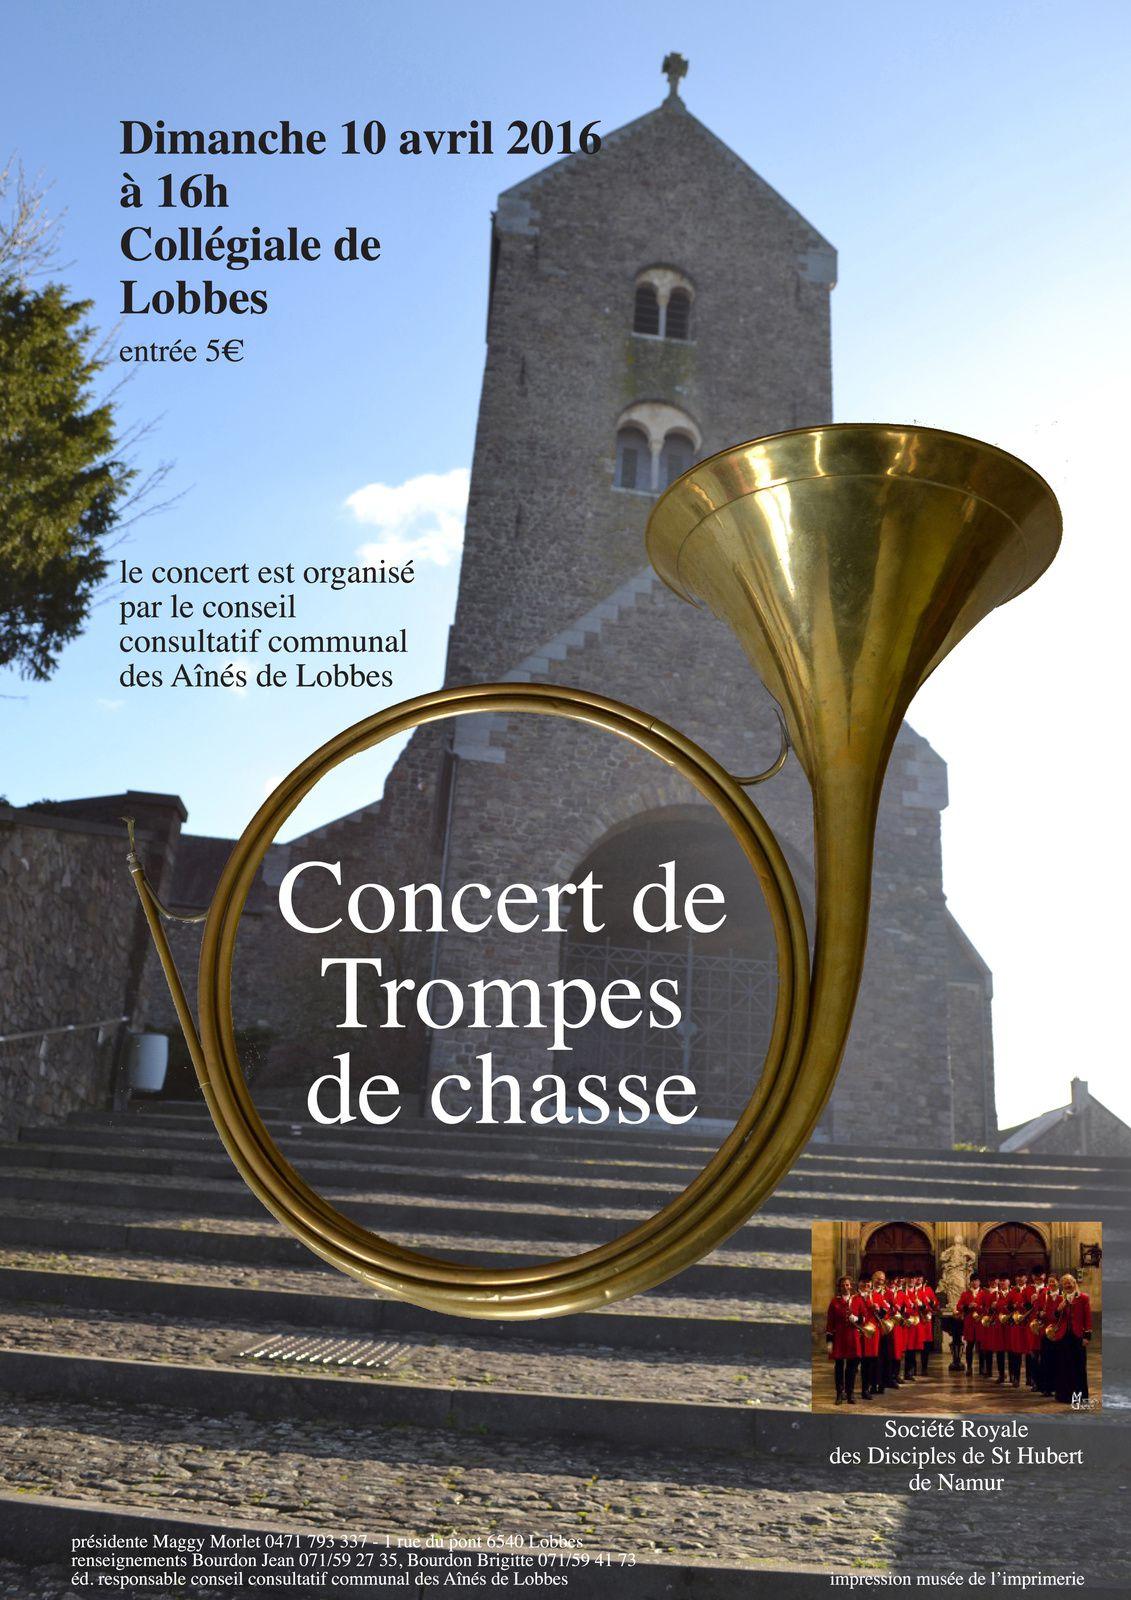 ♫ Souvenir du concert à la Collégiale de Lobbes, dimanche 10 avril 2016